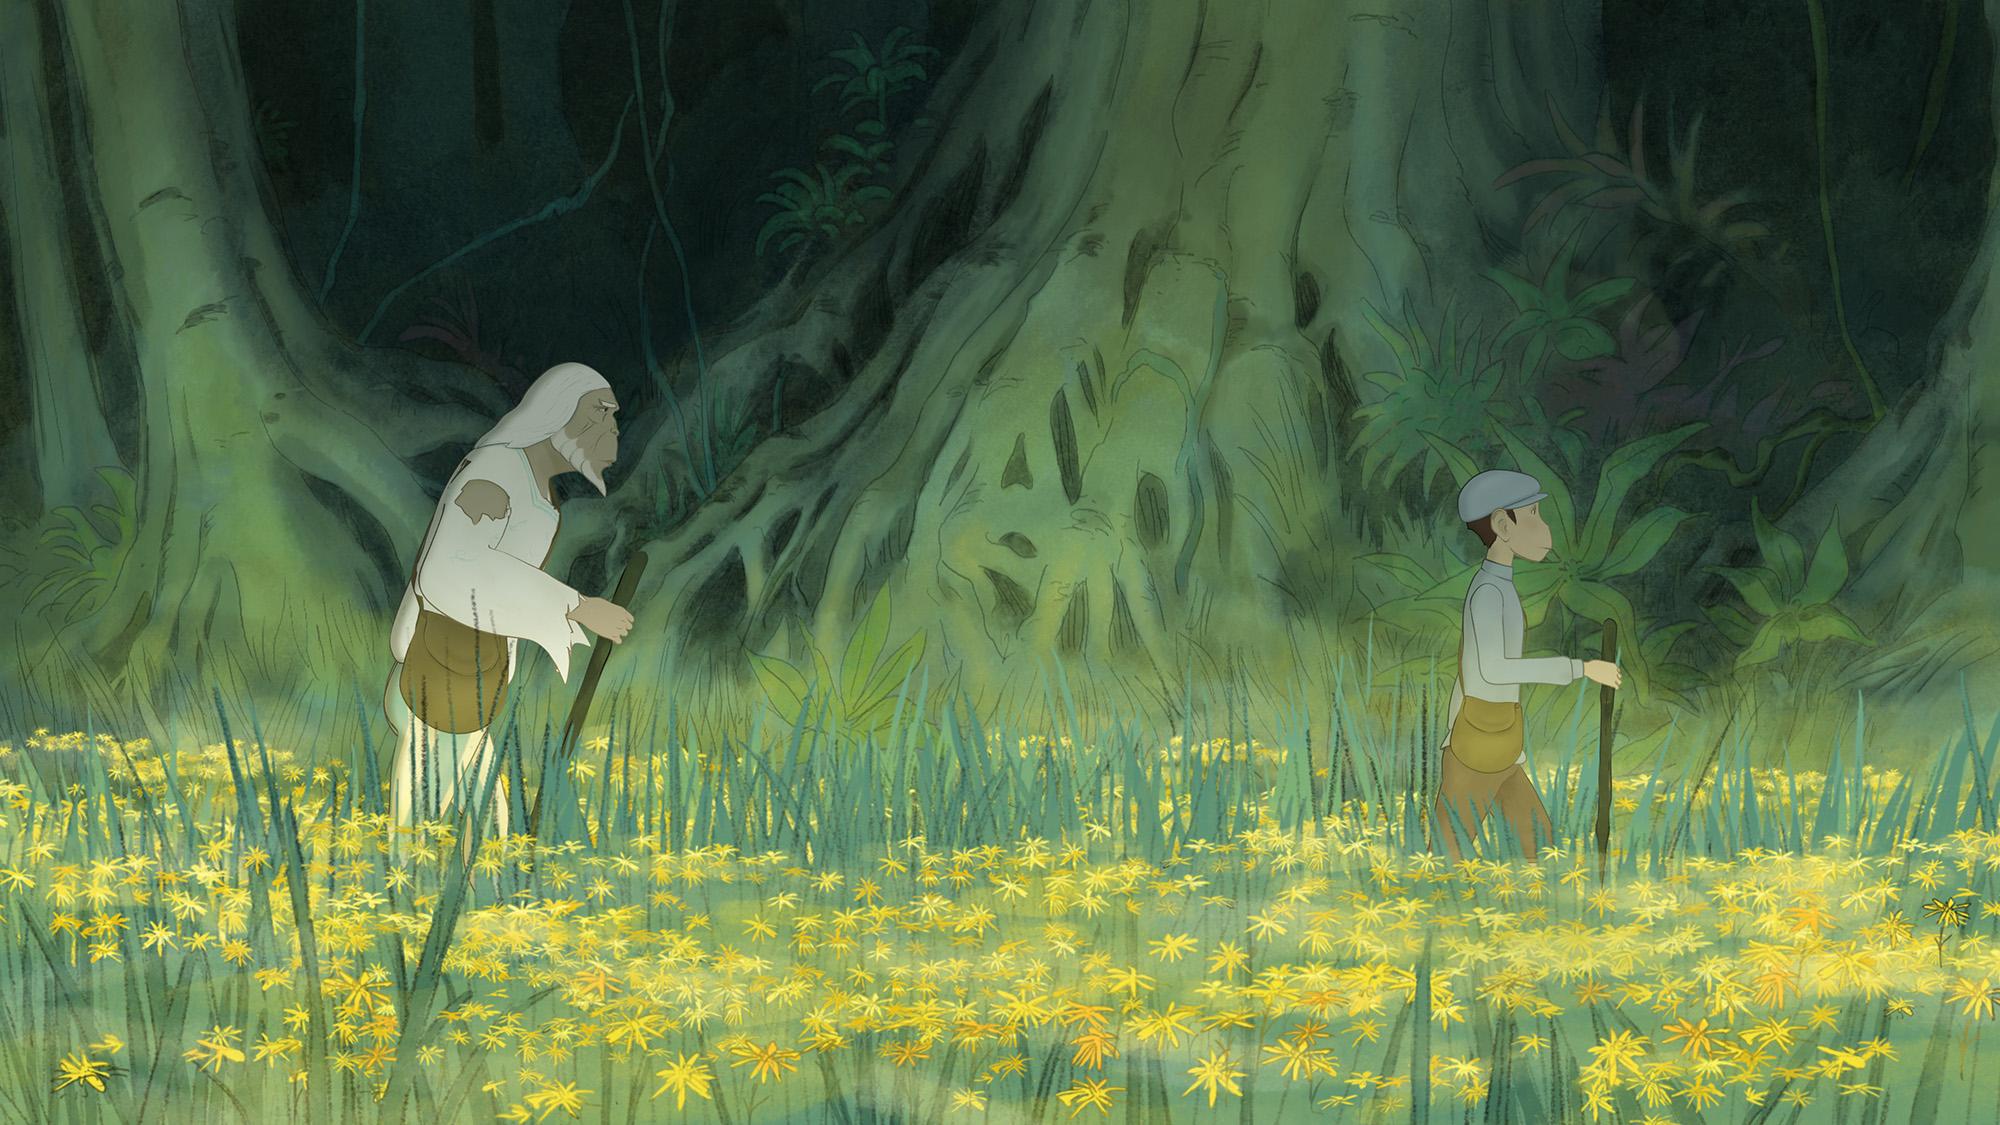 il principe è vestito di stracci e sta seguendo il giovane in mezzo a un prato fiorito di fiori gialli - nerdface